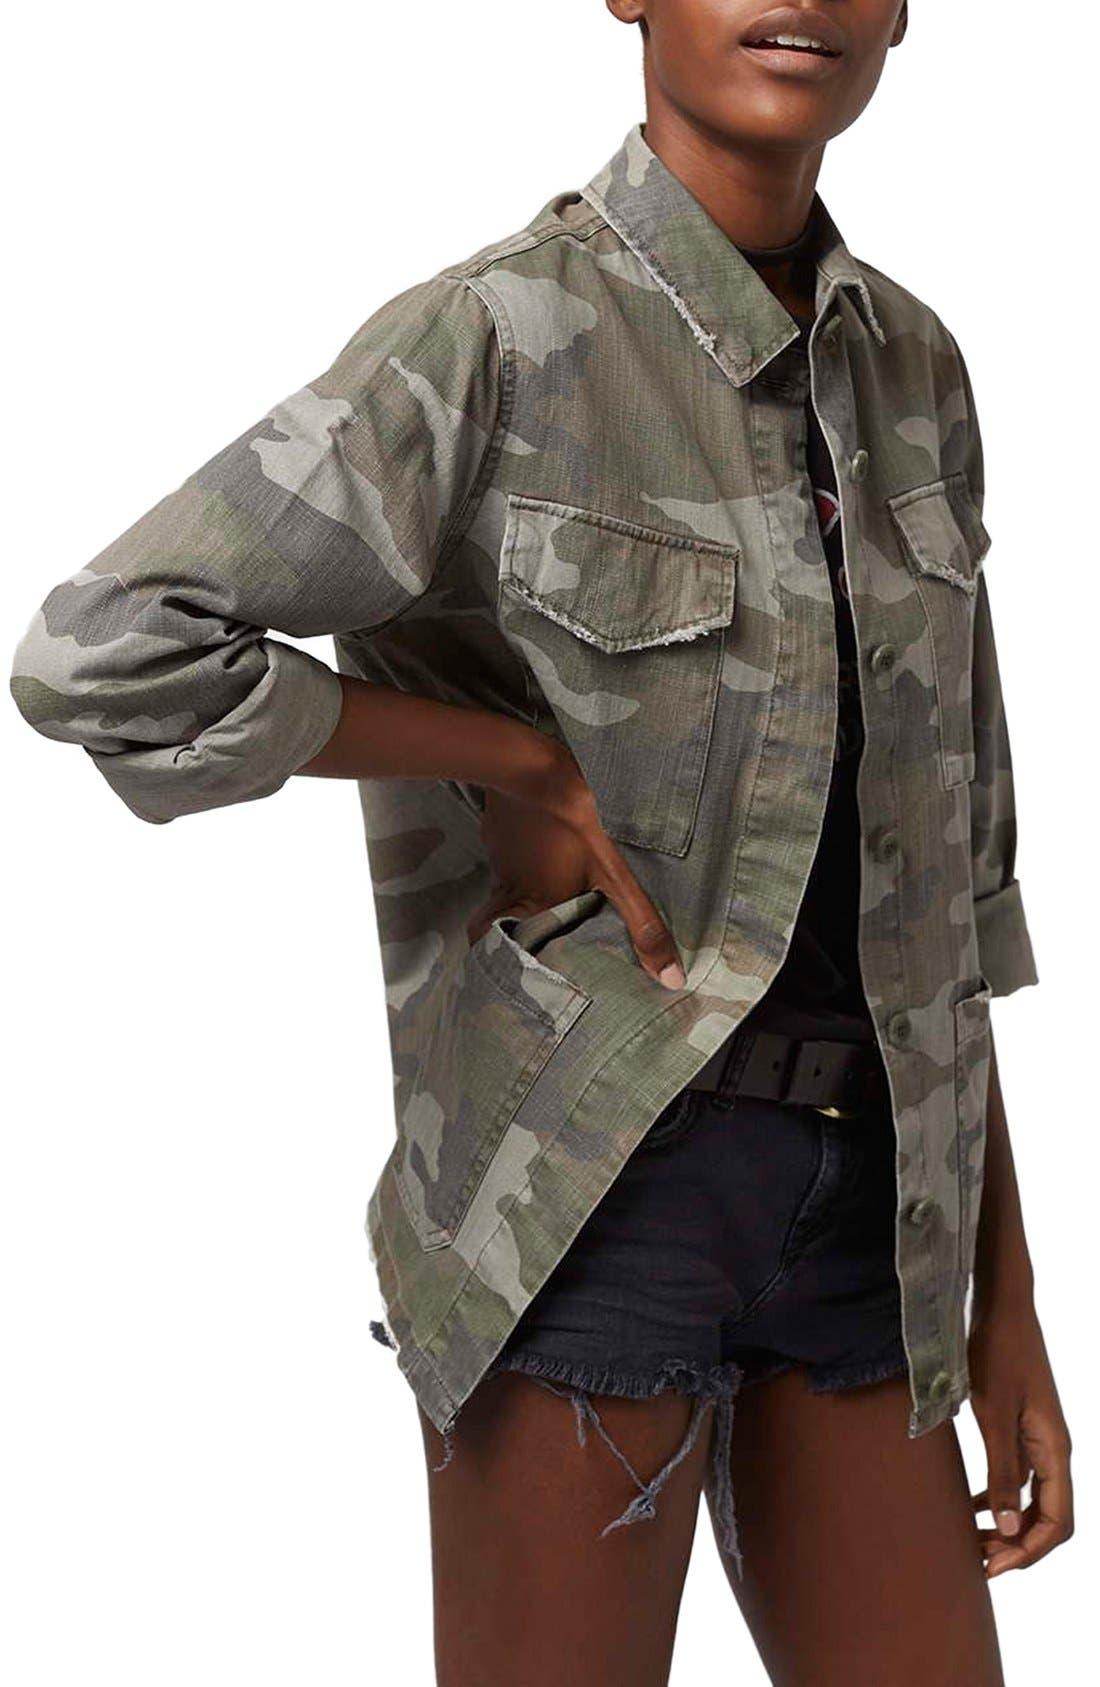 Alternate Image 1 Selected - Topshop 'Sandy' Camo Print Shirt Jacket (Regular & Petite)